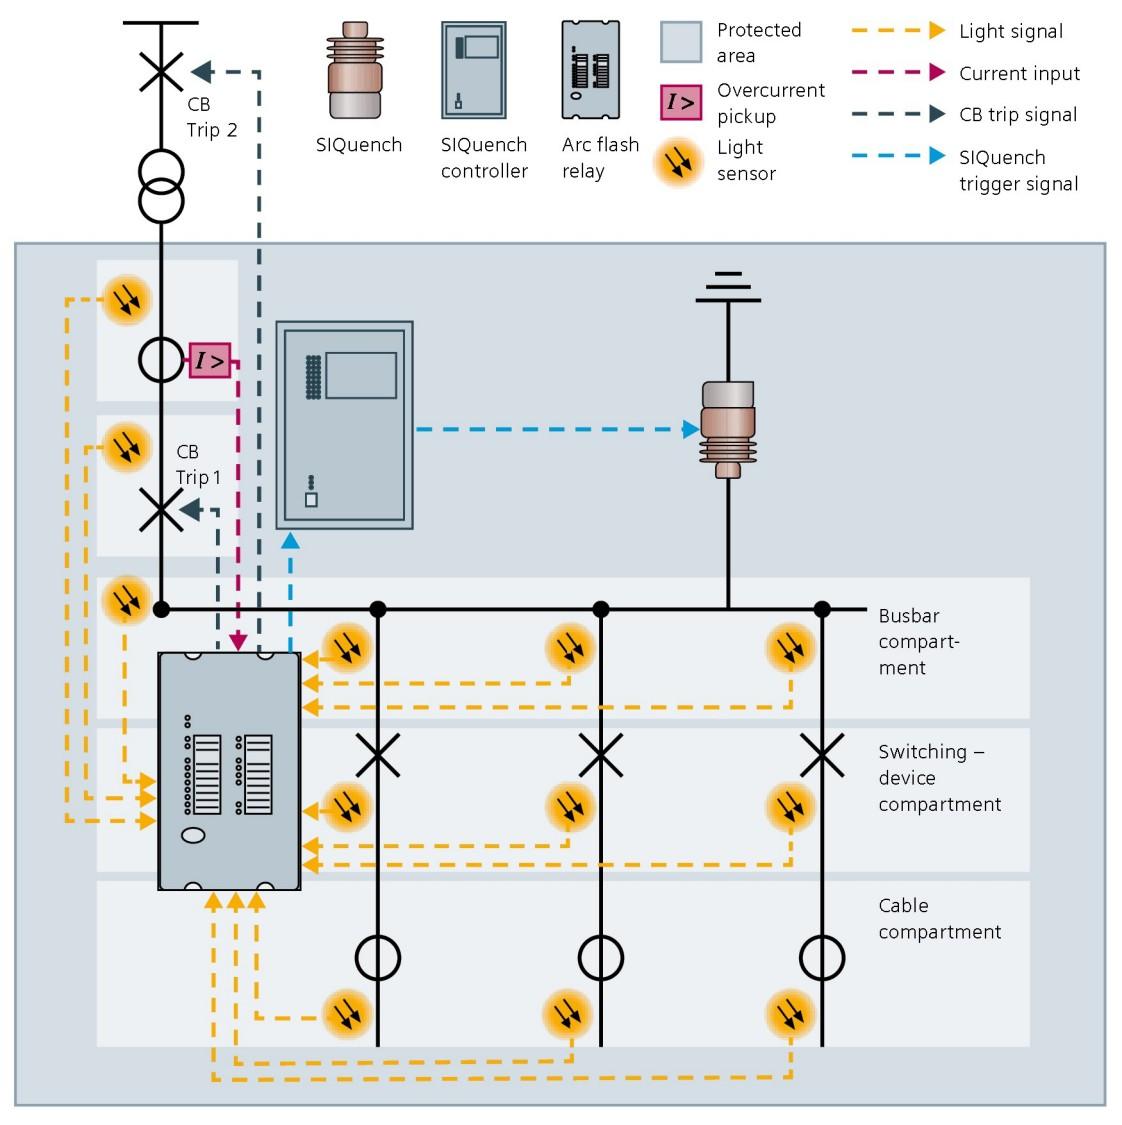 Ilustracja integracji systemu SIQuench w ramach przykładowej ochrony przed łukiem elektrycznym (jedno pole zasilające z pojedyńczą strefą ochronną)